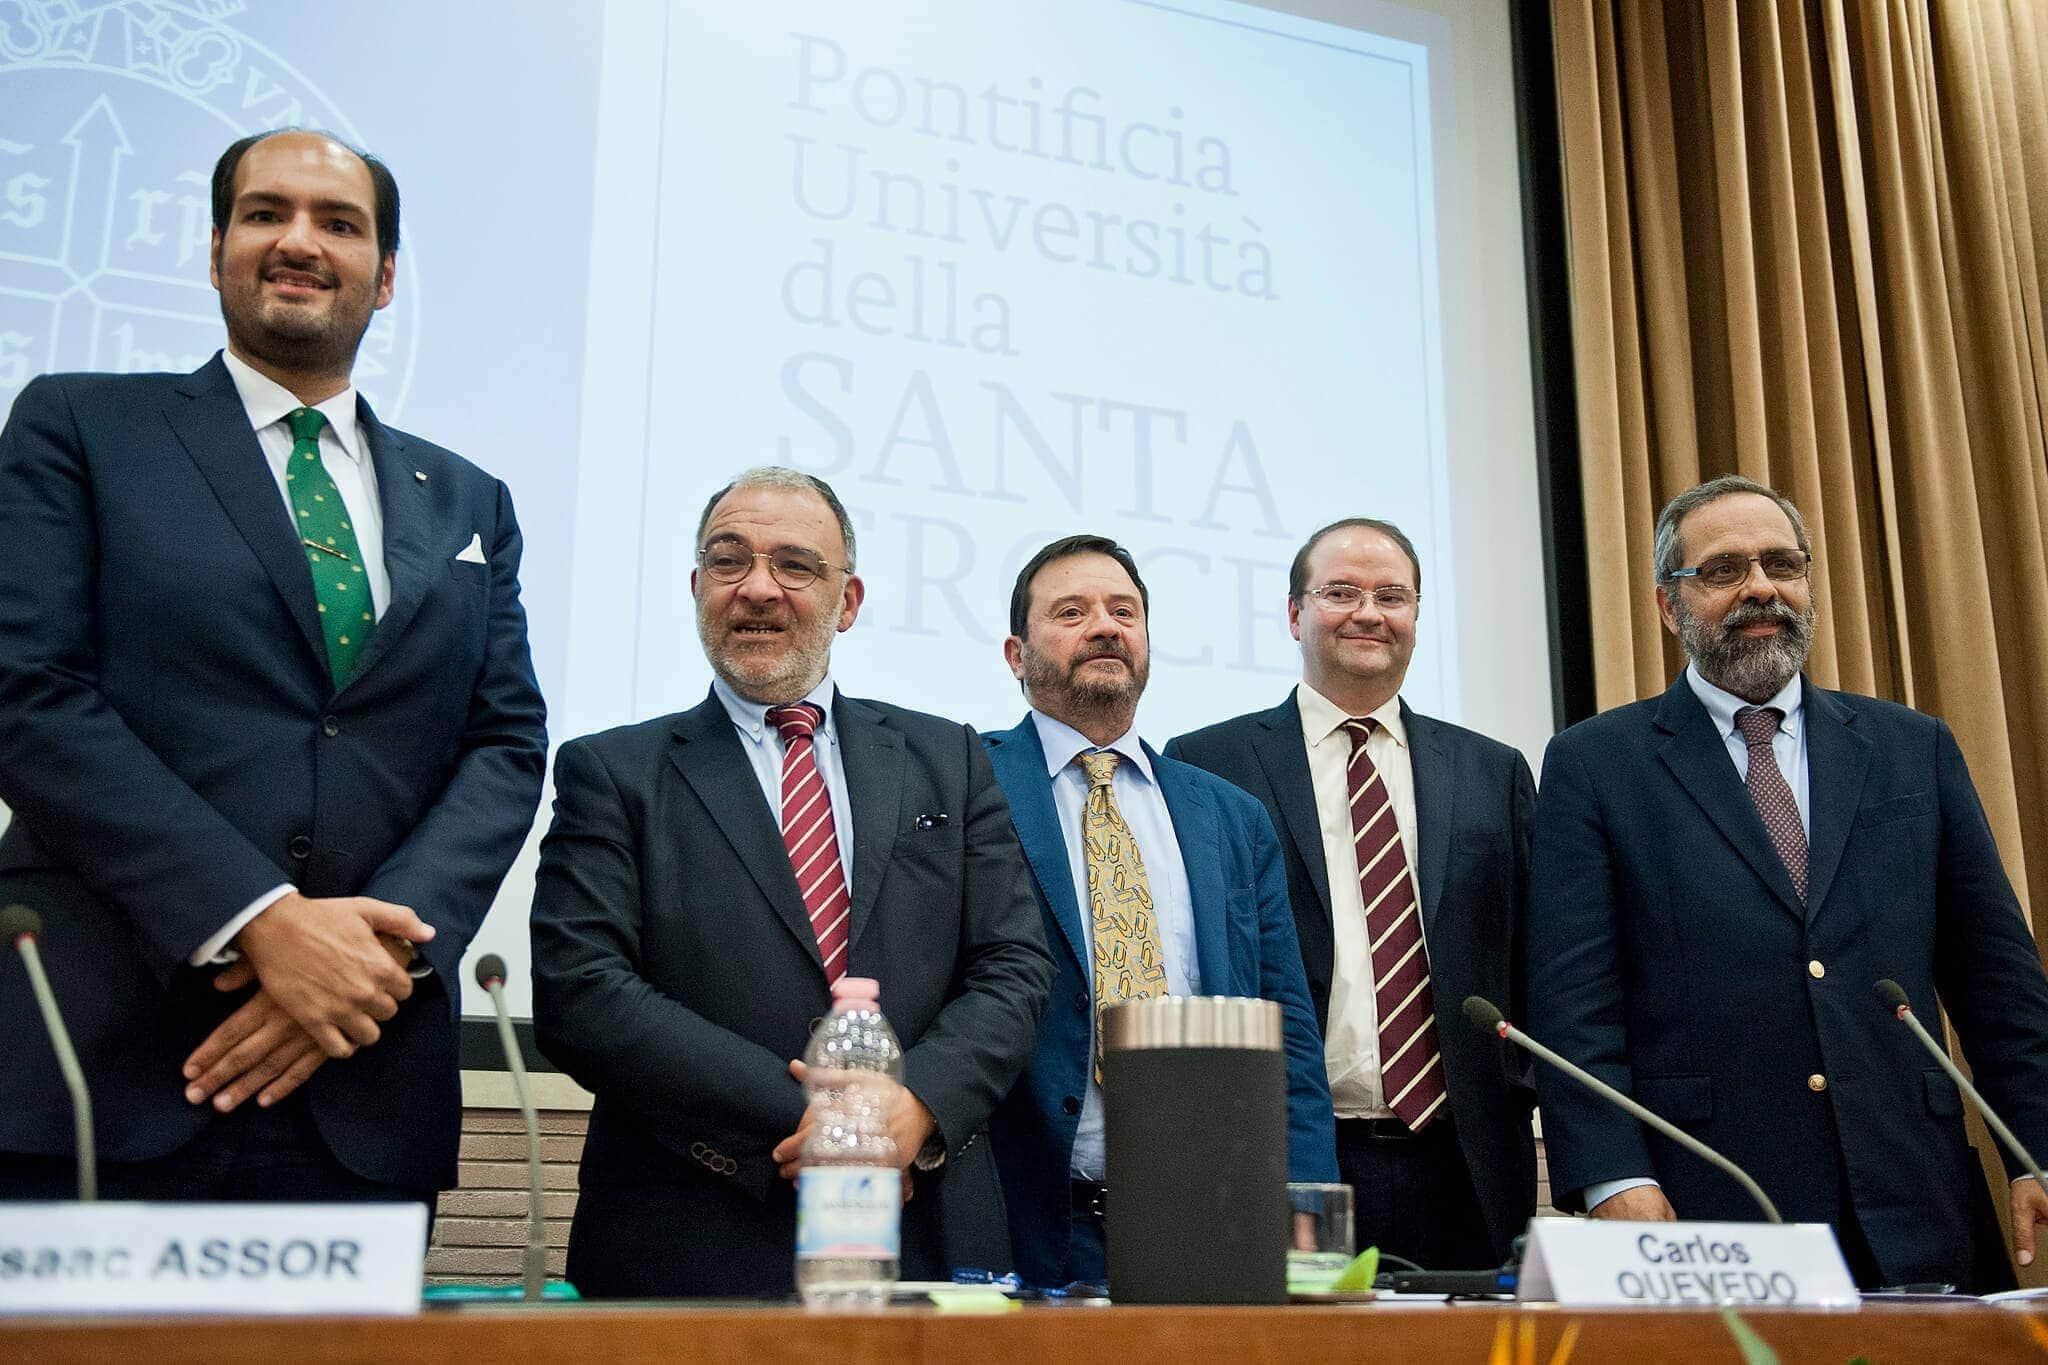 Fotografias: Pontifícia Universidade da Santa Cruz